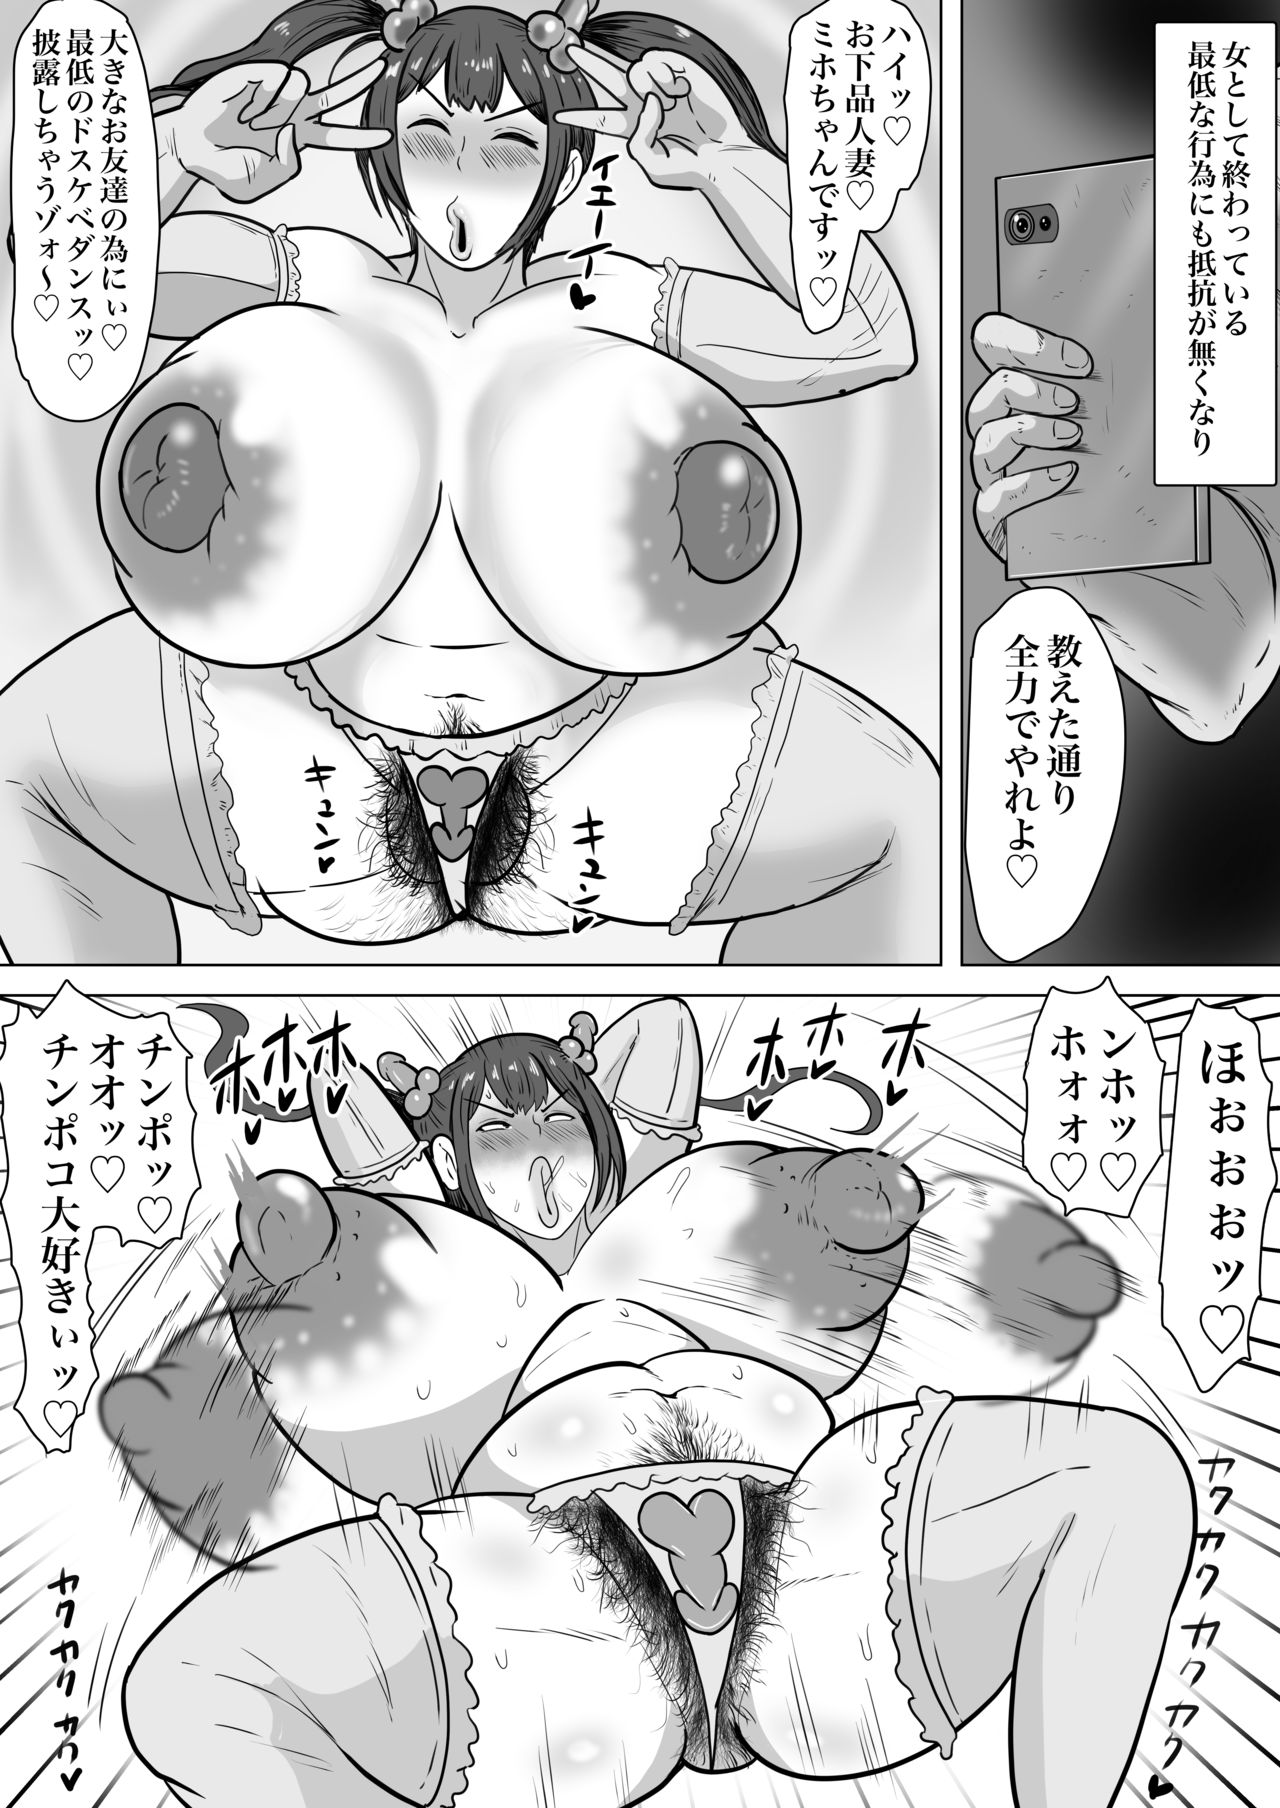 【エロ漫画】運動と評してエロ下着を着させられてレイプされちゃうぽっちゃりな人妻…レイプで寝取られて玩具調教や乳首責めされちゃってど変態なとろ顔になっちゃう!【NFフリーク:妻孕み~全力種付けダイエット】